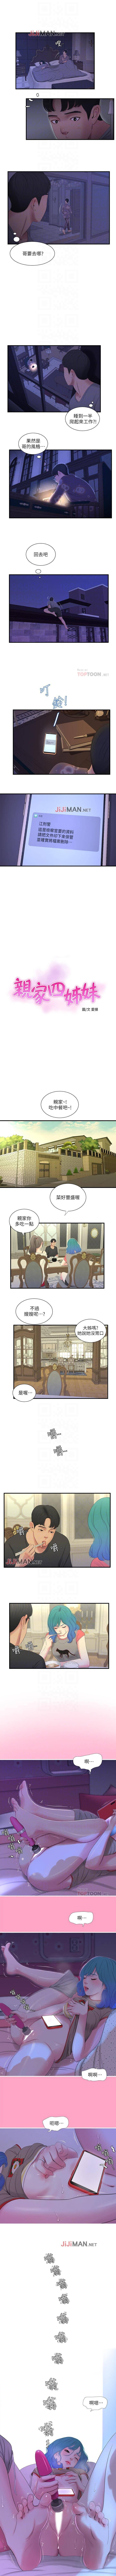 【周四连载】亲家四姐妹(作者:愛摸) 第1~31话 84